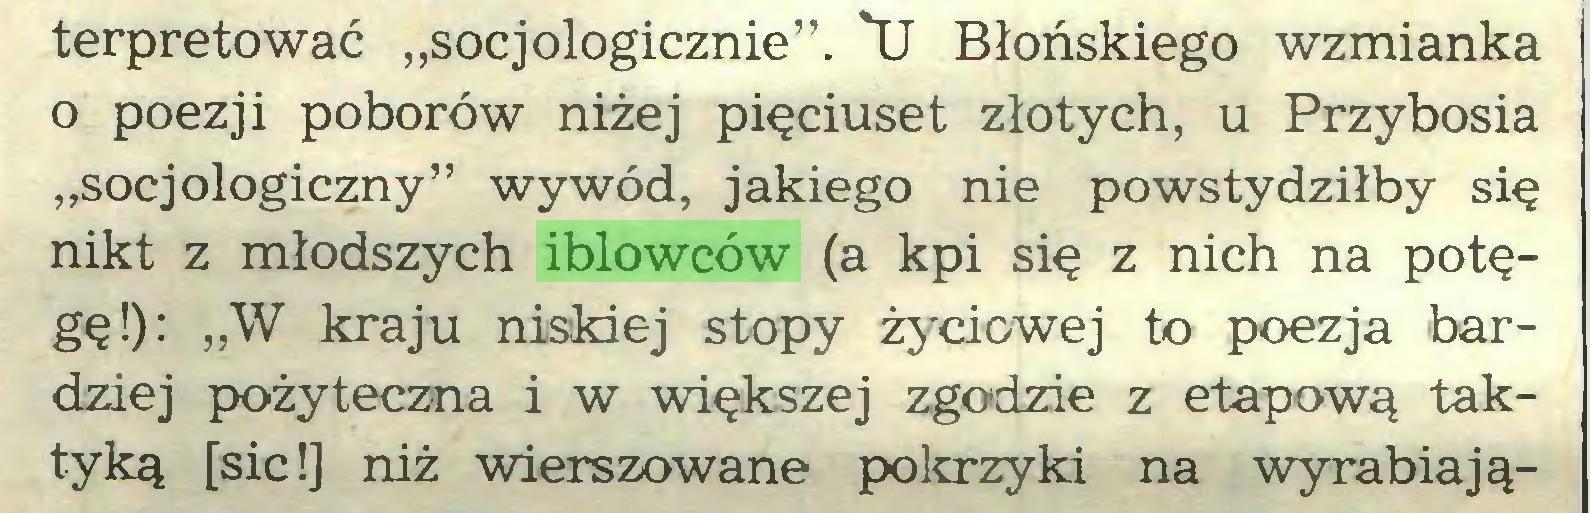 """(...) terpretować """"socjologicznie"""". 'U Błońskiego wzmianka 0 poezji poborów niżej pięciuset złotych, u Przybosia """"socjologiczny"""" wywód, jakiego nie powstydziłby się nikt z młodszych iblowców (a kpi się z nich na potęgę!): """"W kraju niskiej stopy życiowej to poezja bardziej pożyteczna i w większej zgodzie z etapową taktyką [sic!] niż wierszowane pokrzyki na wyrabiają..."""